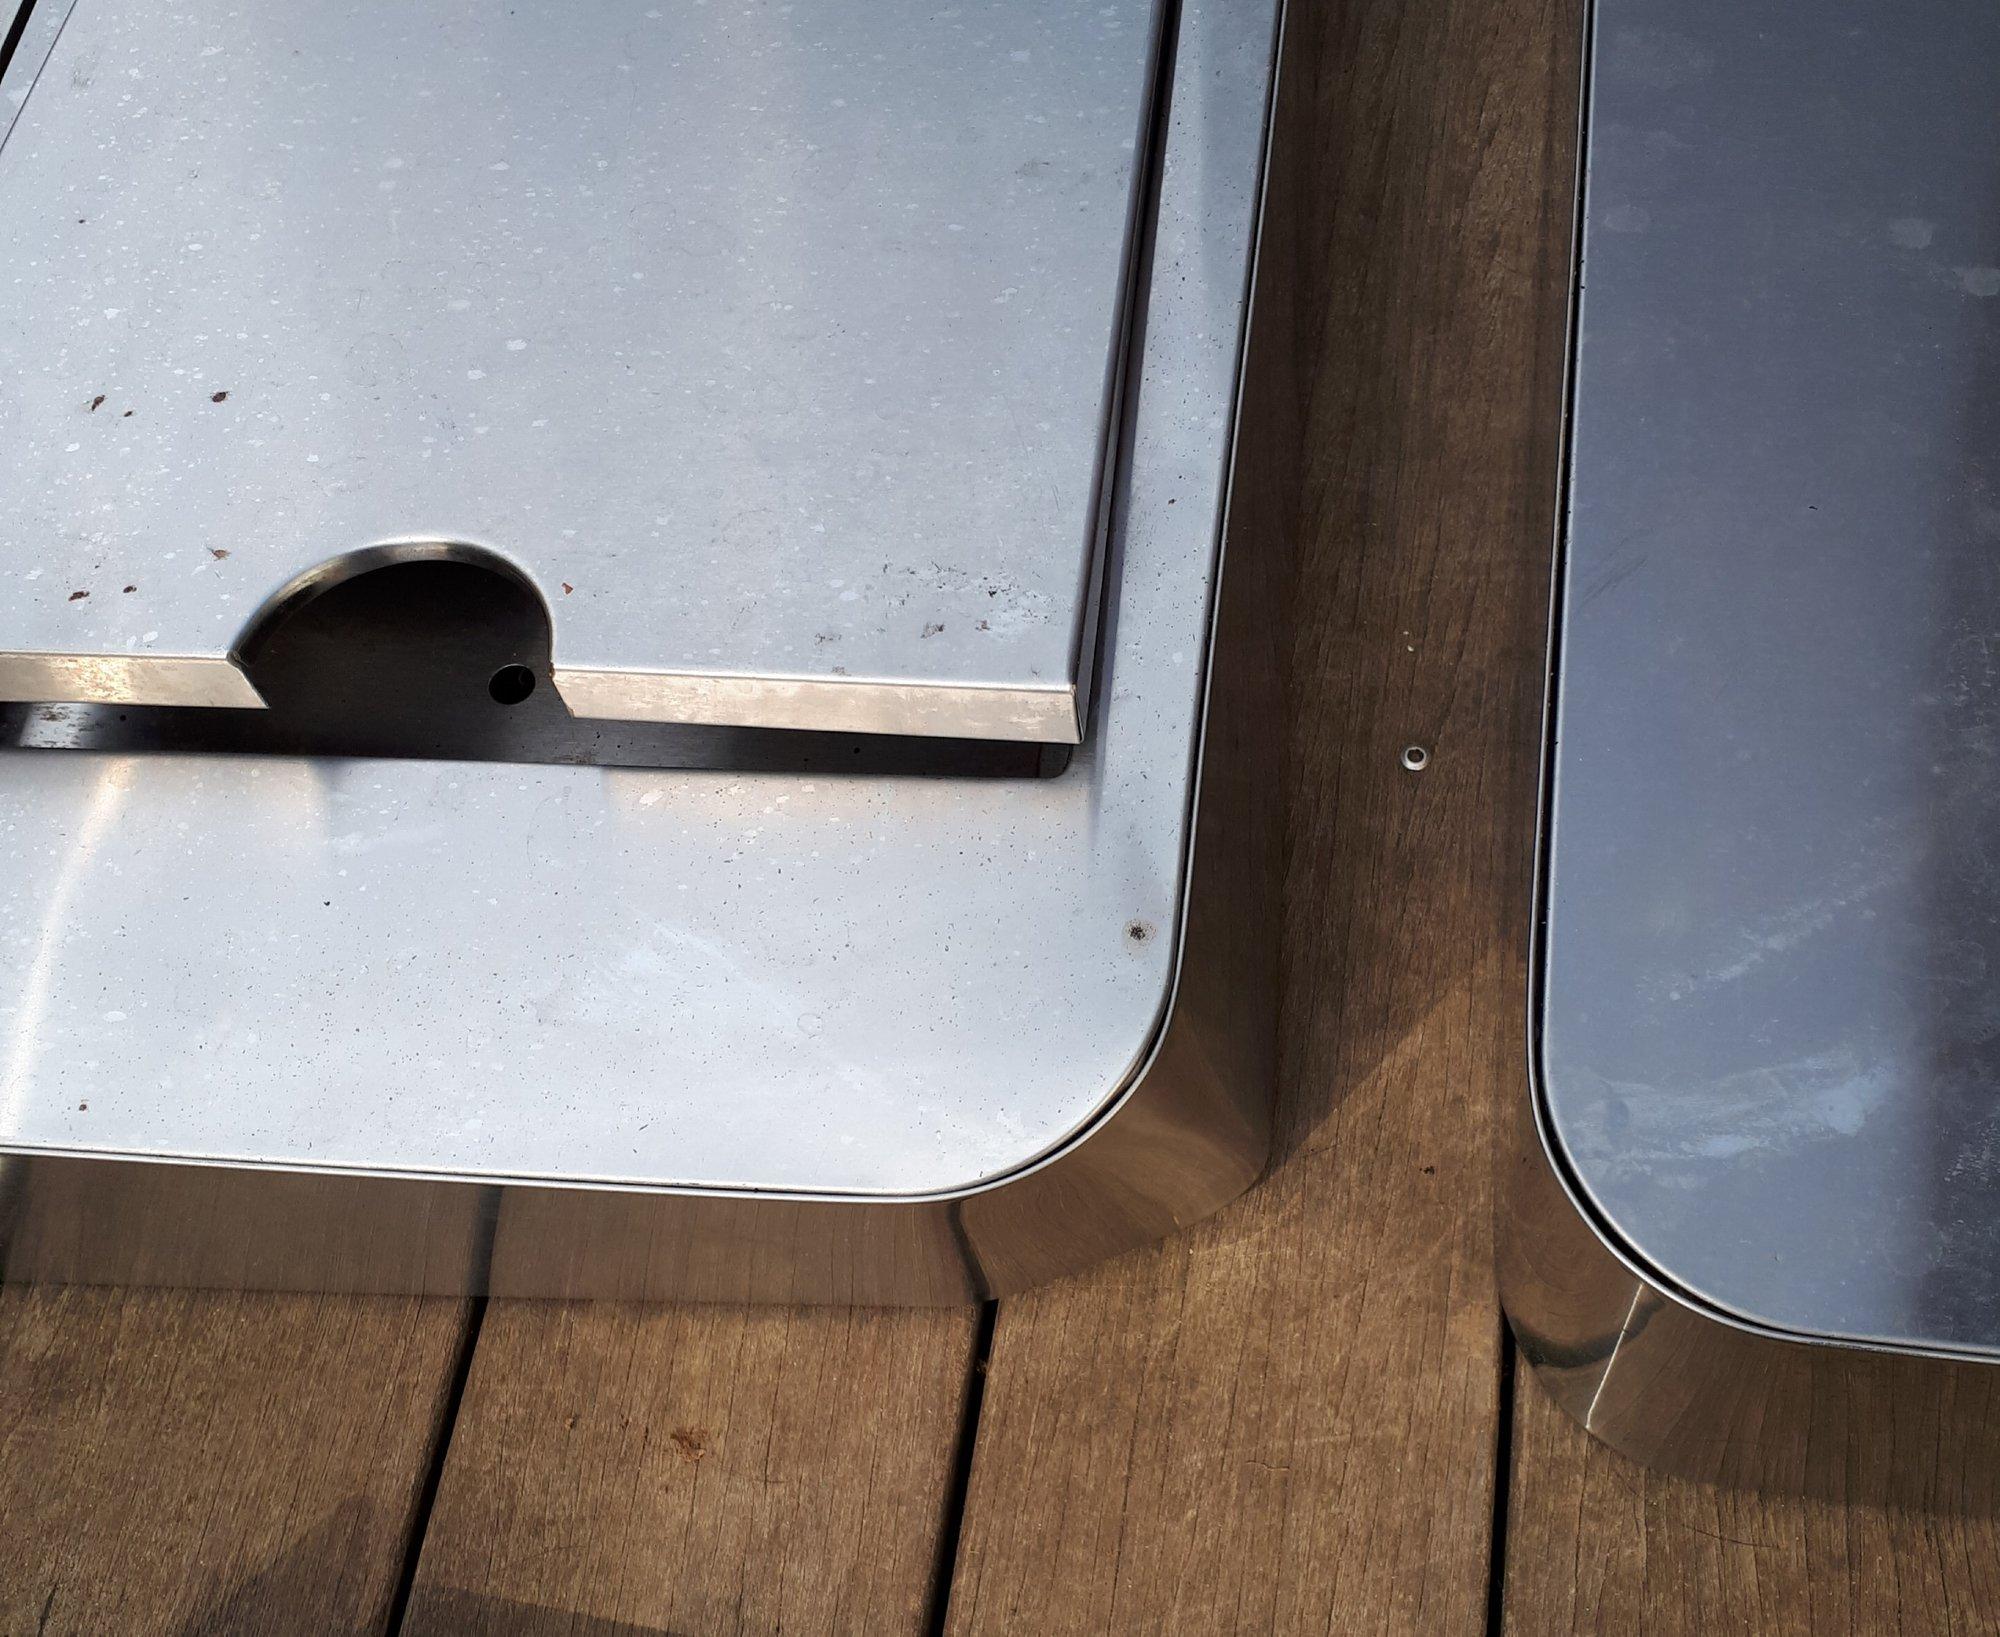 grill-ablage-def.jpg